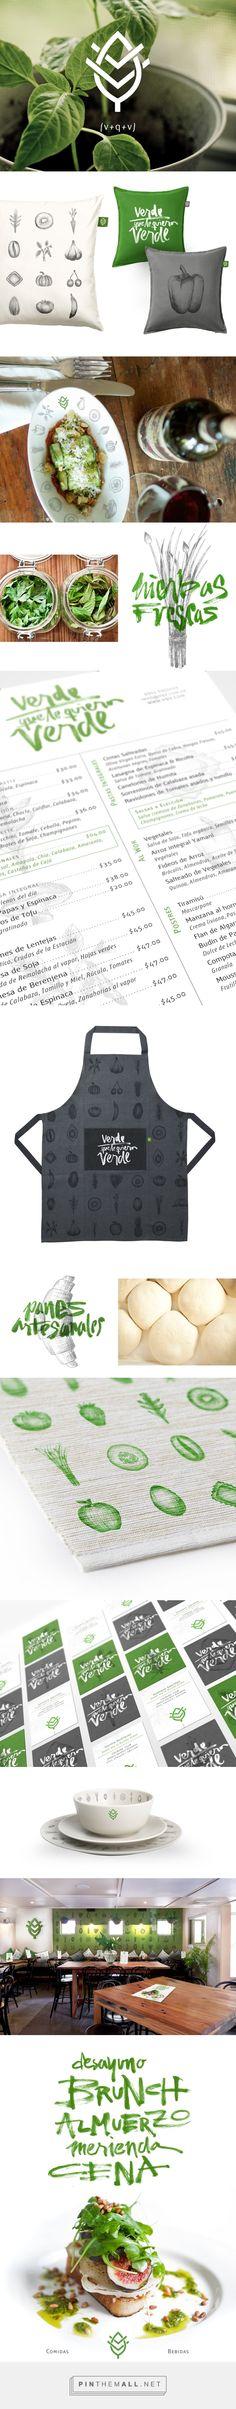 Verde que te Quiero Verde Branding, Illustration, Typography By: Lisa Nemetz